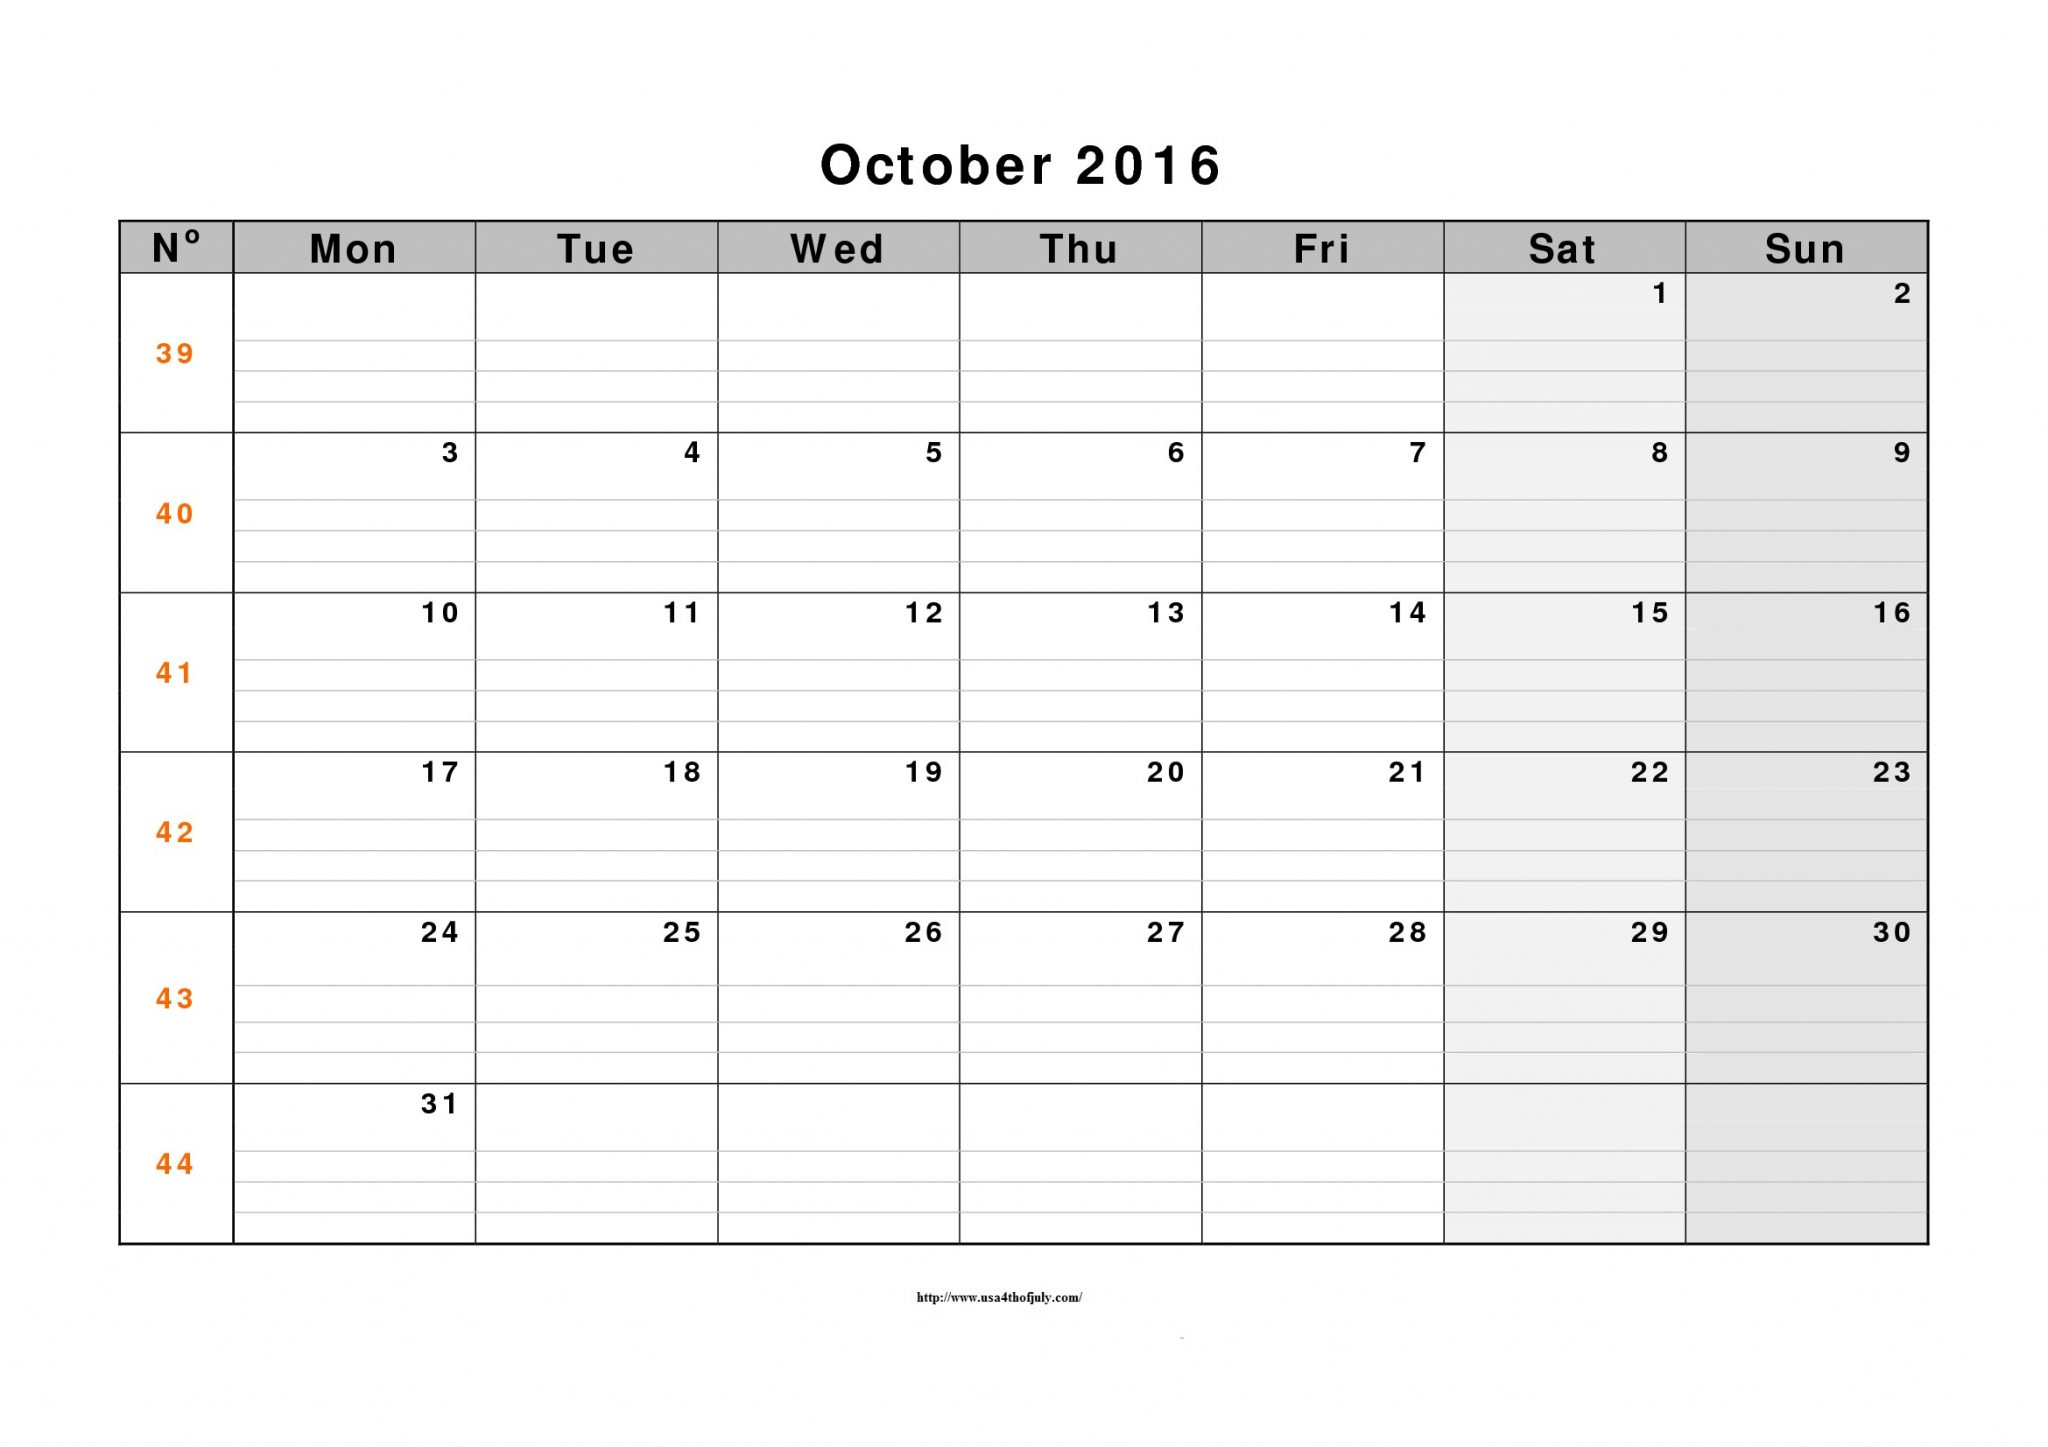 October 2016 Calendar XLs